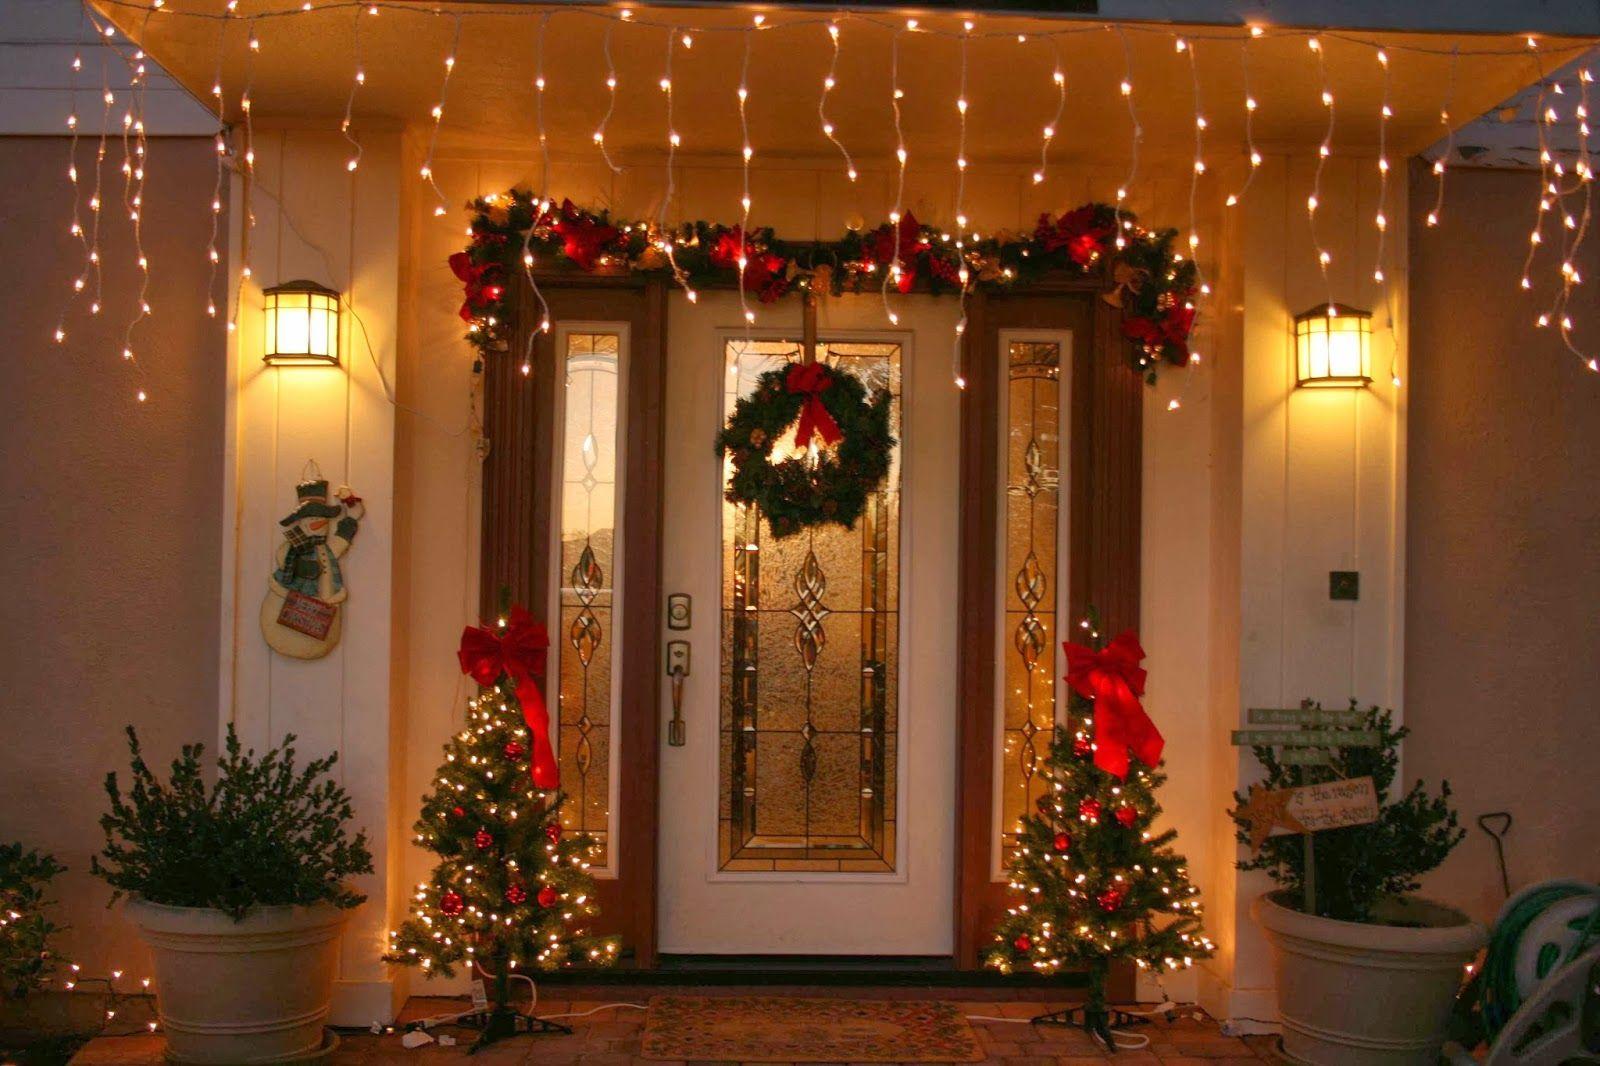 Como Decorar Puertas En Navidad 22 Jpg 1600 1066 Decoracion Navidena Reciclaje Decoracion De Puertas Navidenas Puerta De Navidad